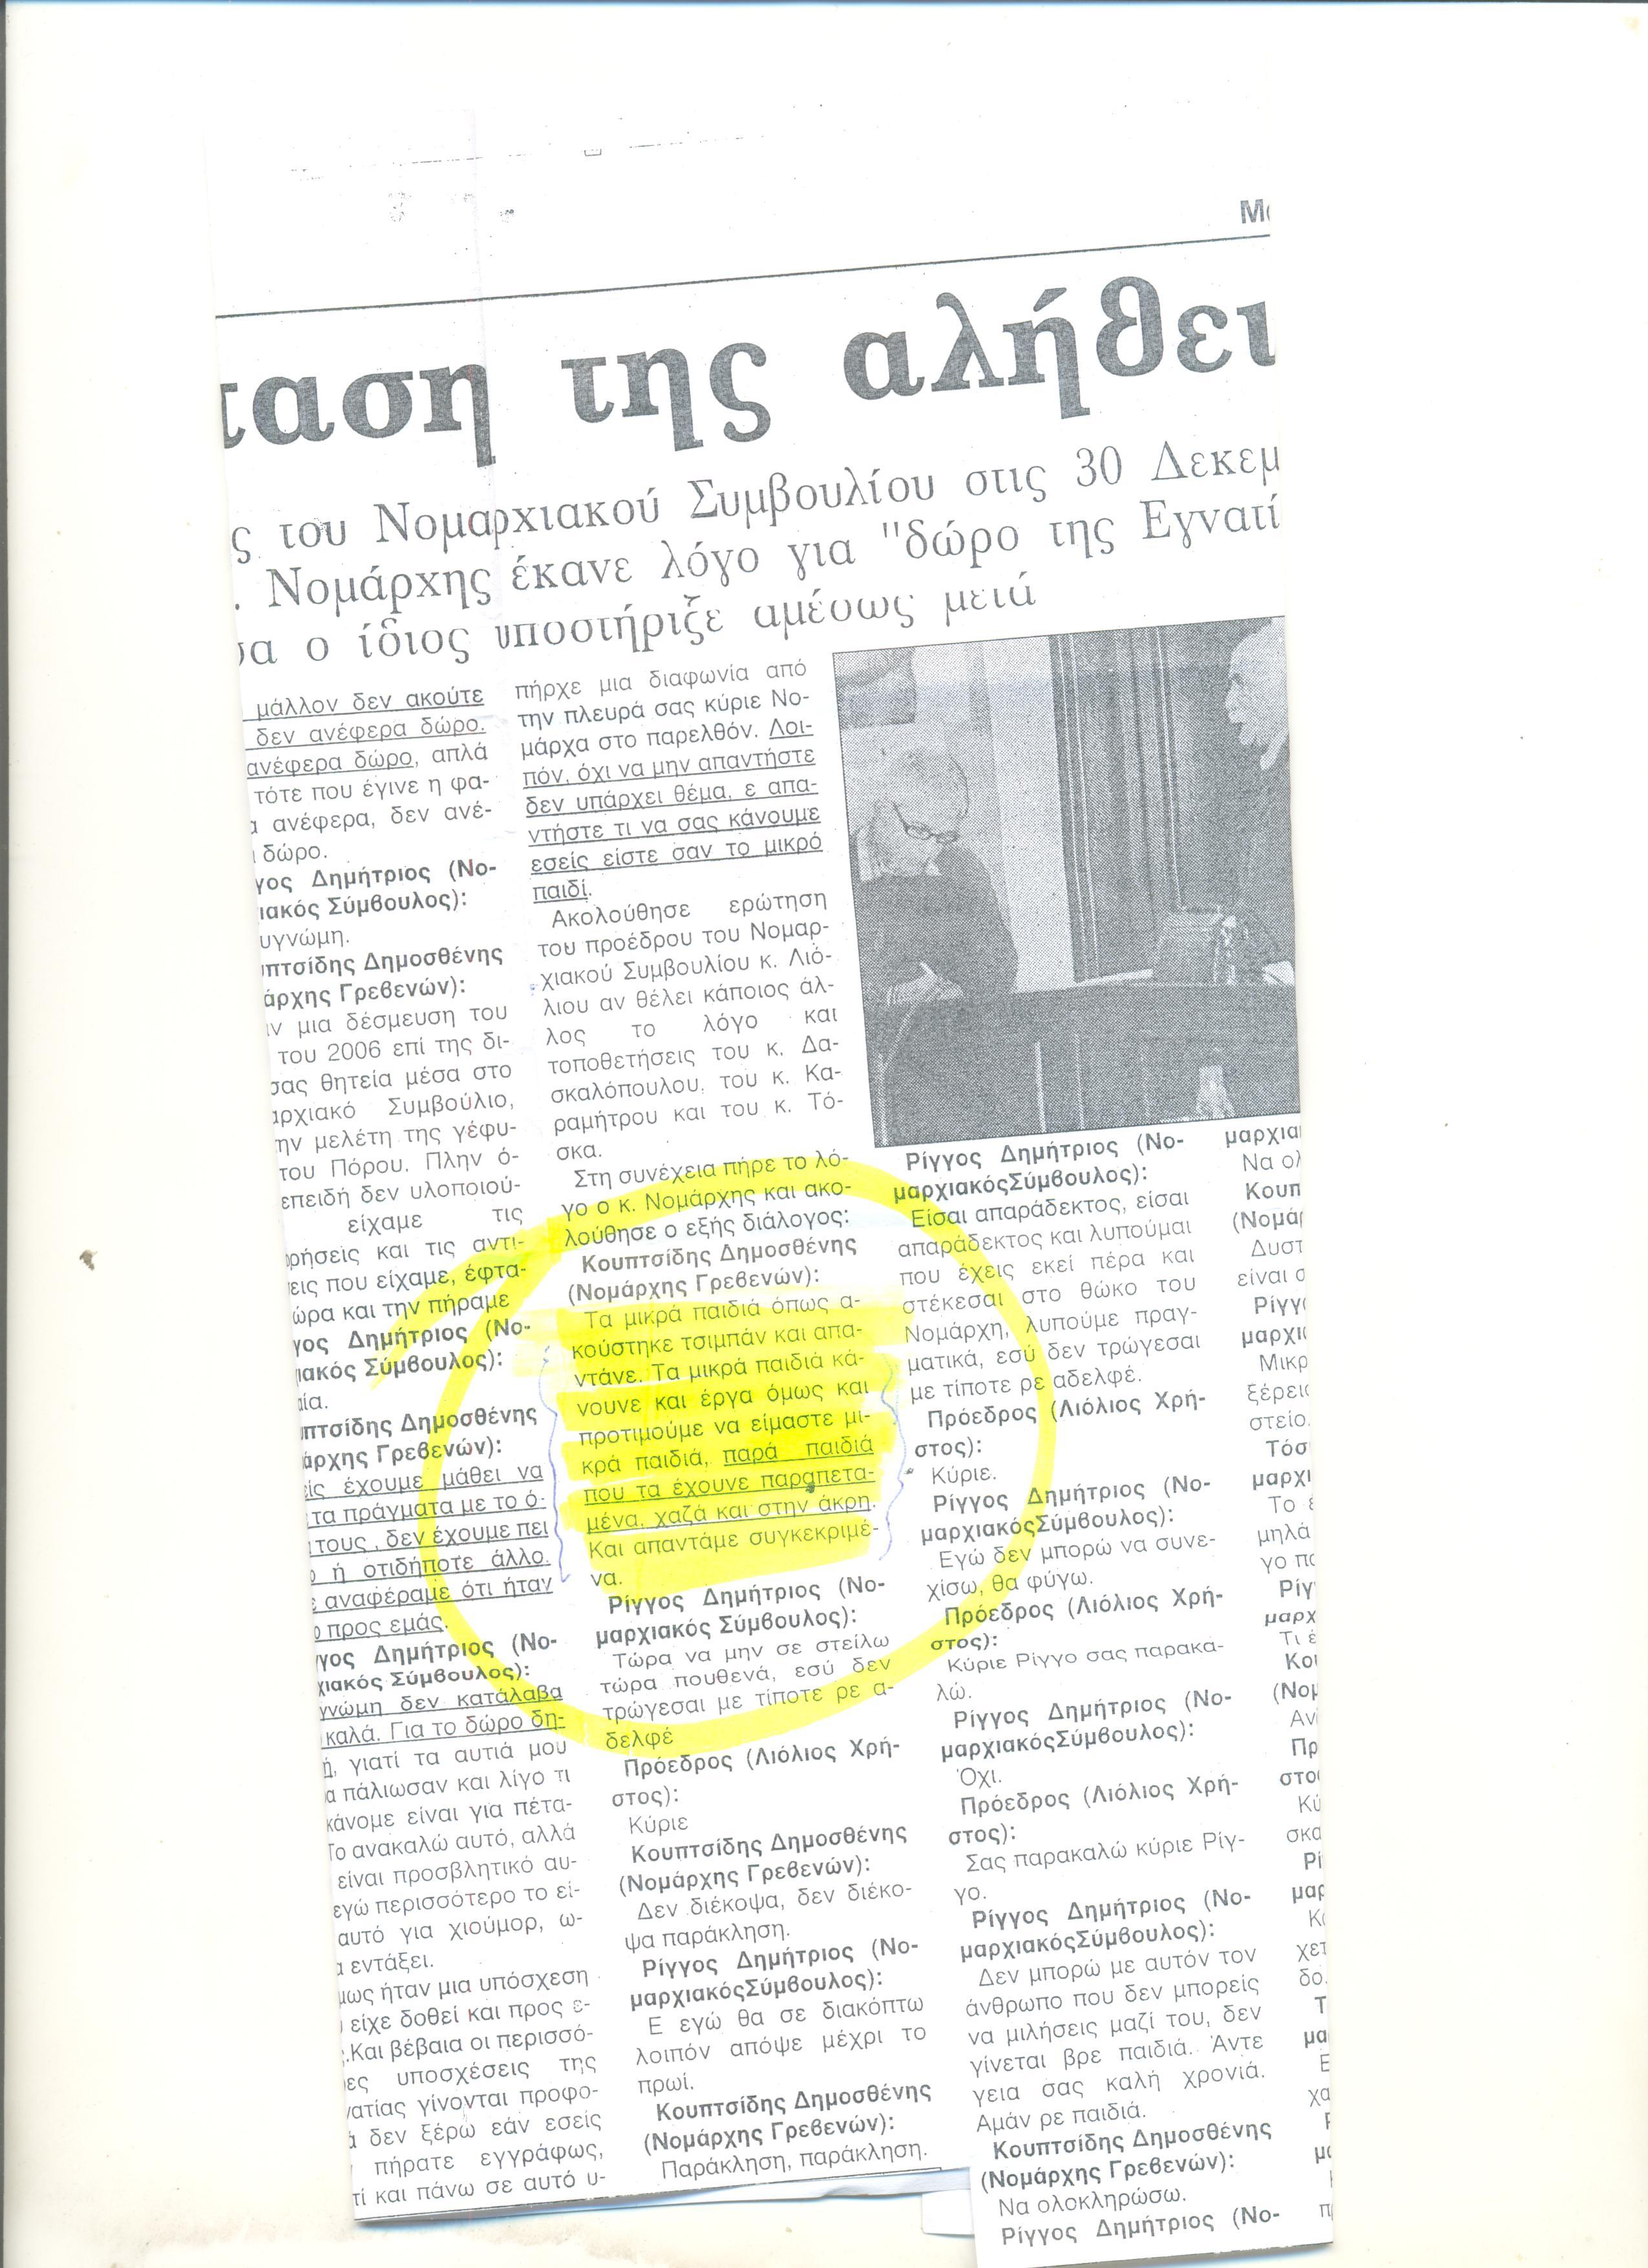 Νομαρχιακό Συμβούλιο: Αυτή ήταν η συμπεριφορά του Δ. Κουπτσίδη στον αείμνηστο Δημήτρη Ρίγγο: Διαβάστε την μεγάλη προσβολή… στο πρόσωπό του!!!